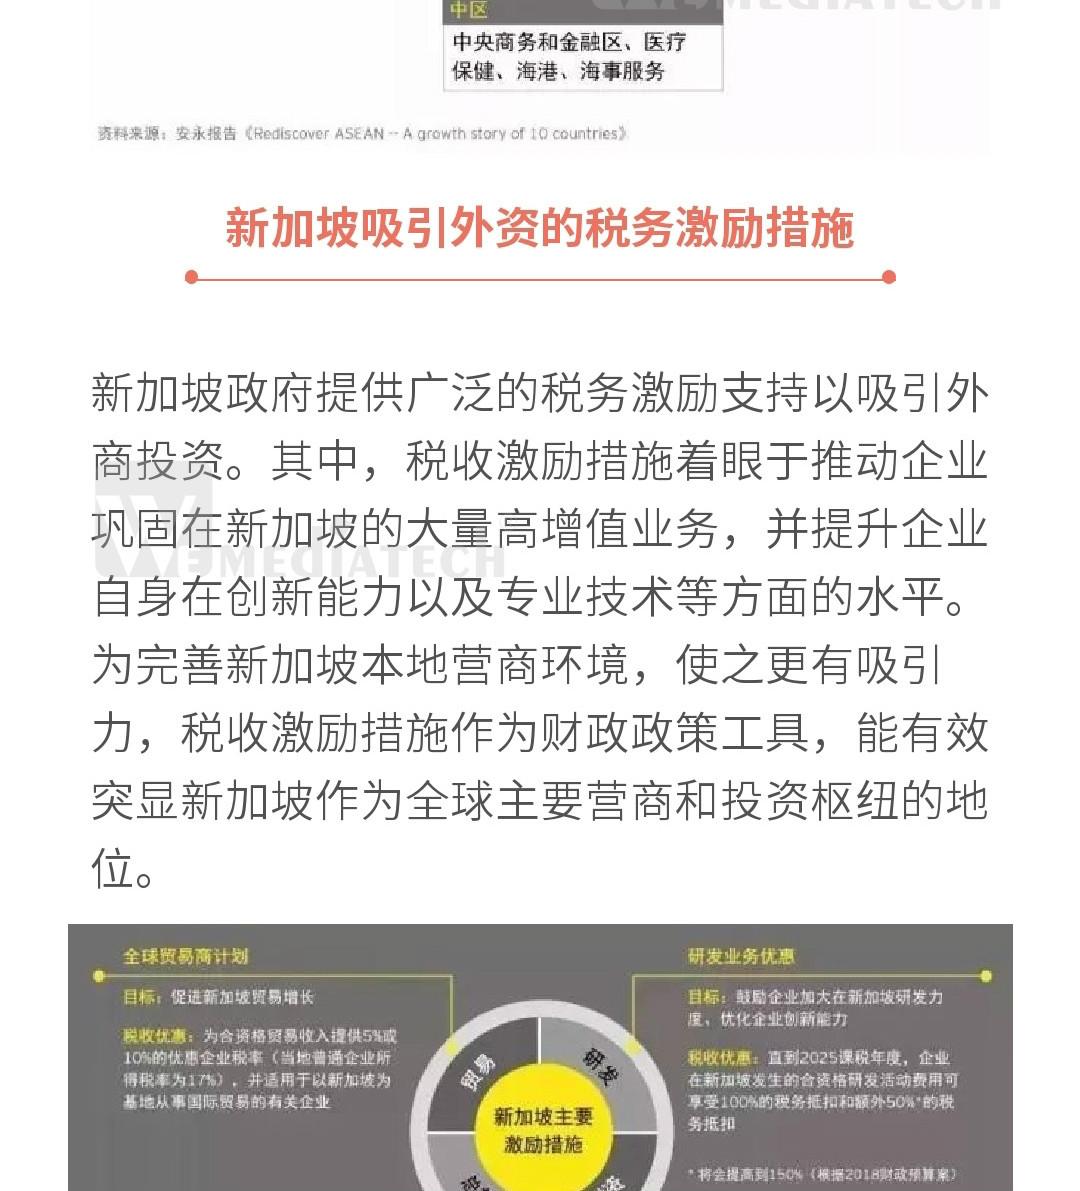 xingye2_qietu_2.jpg